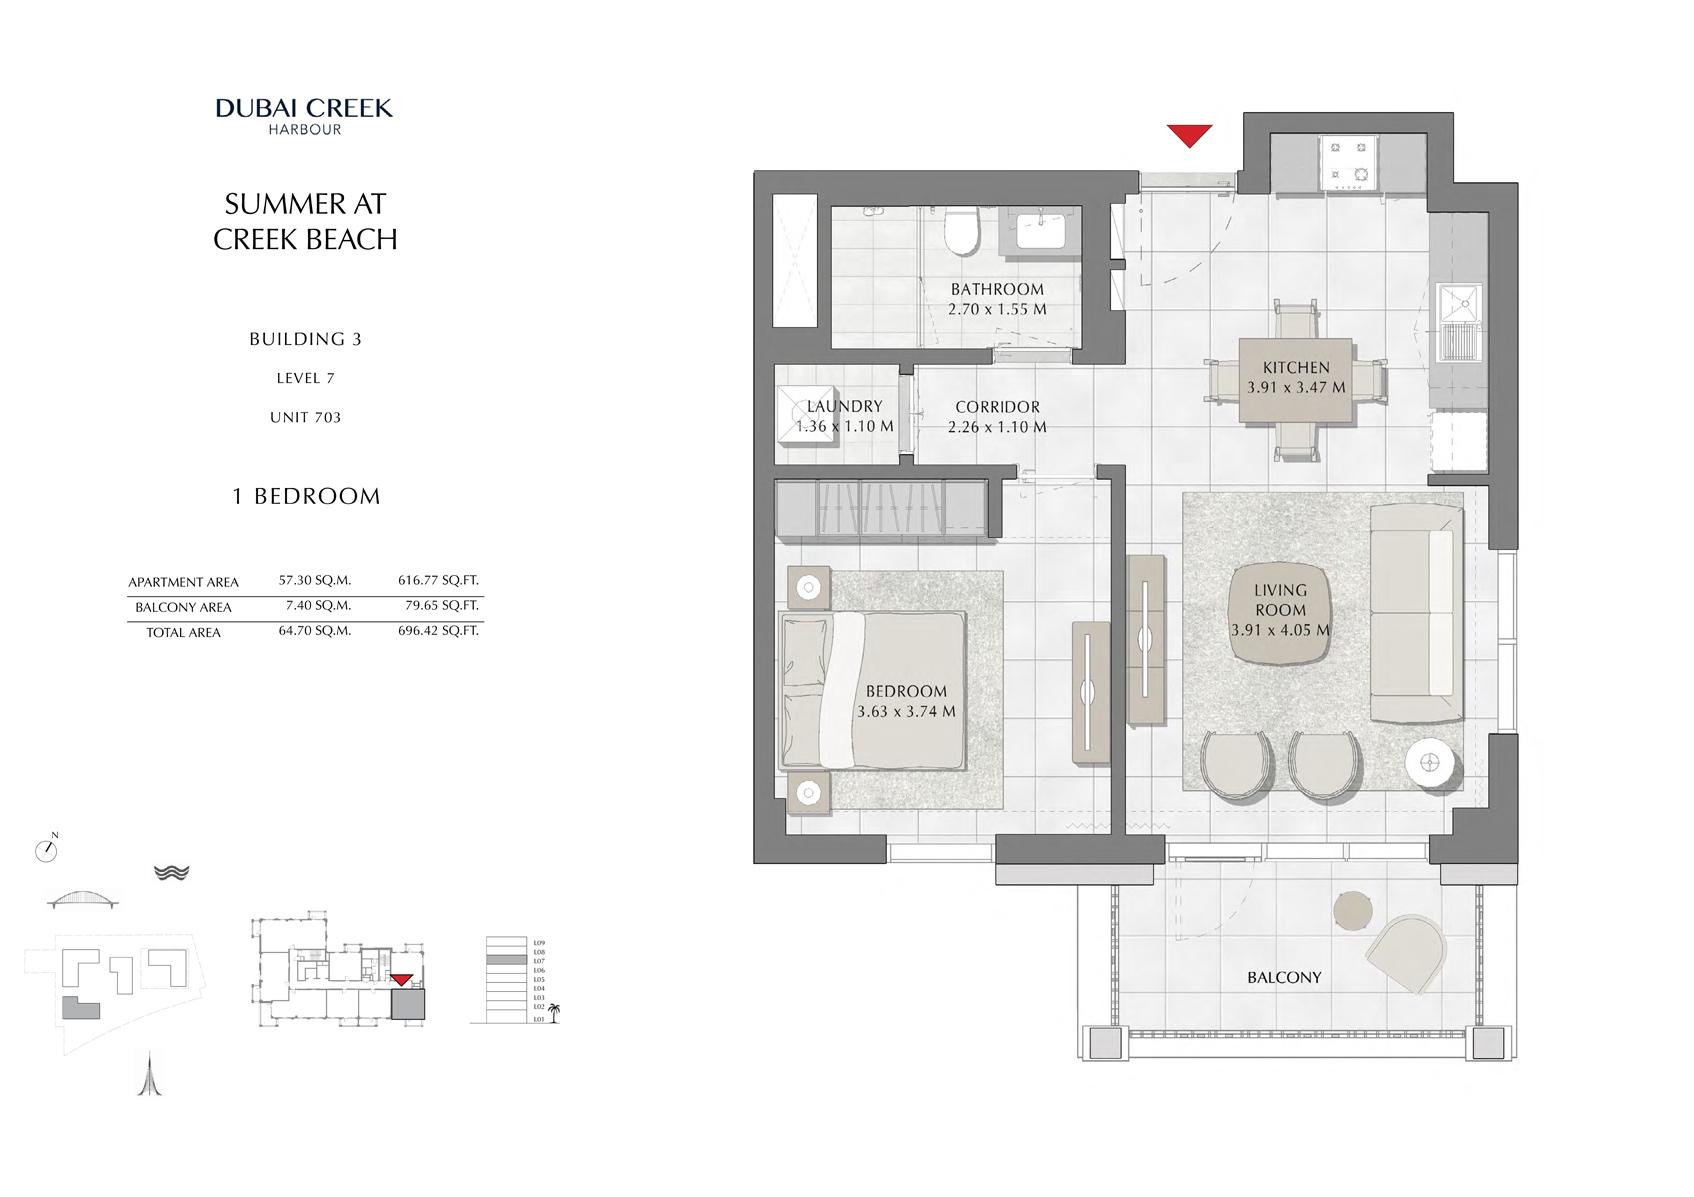 1 Br Building 3 Level 7 Unit 703, Size 696 Sq Ft